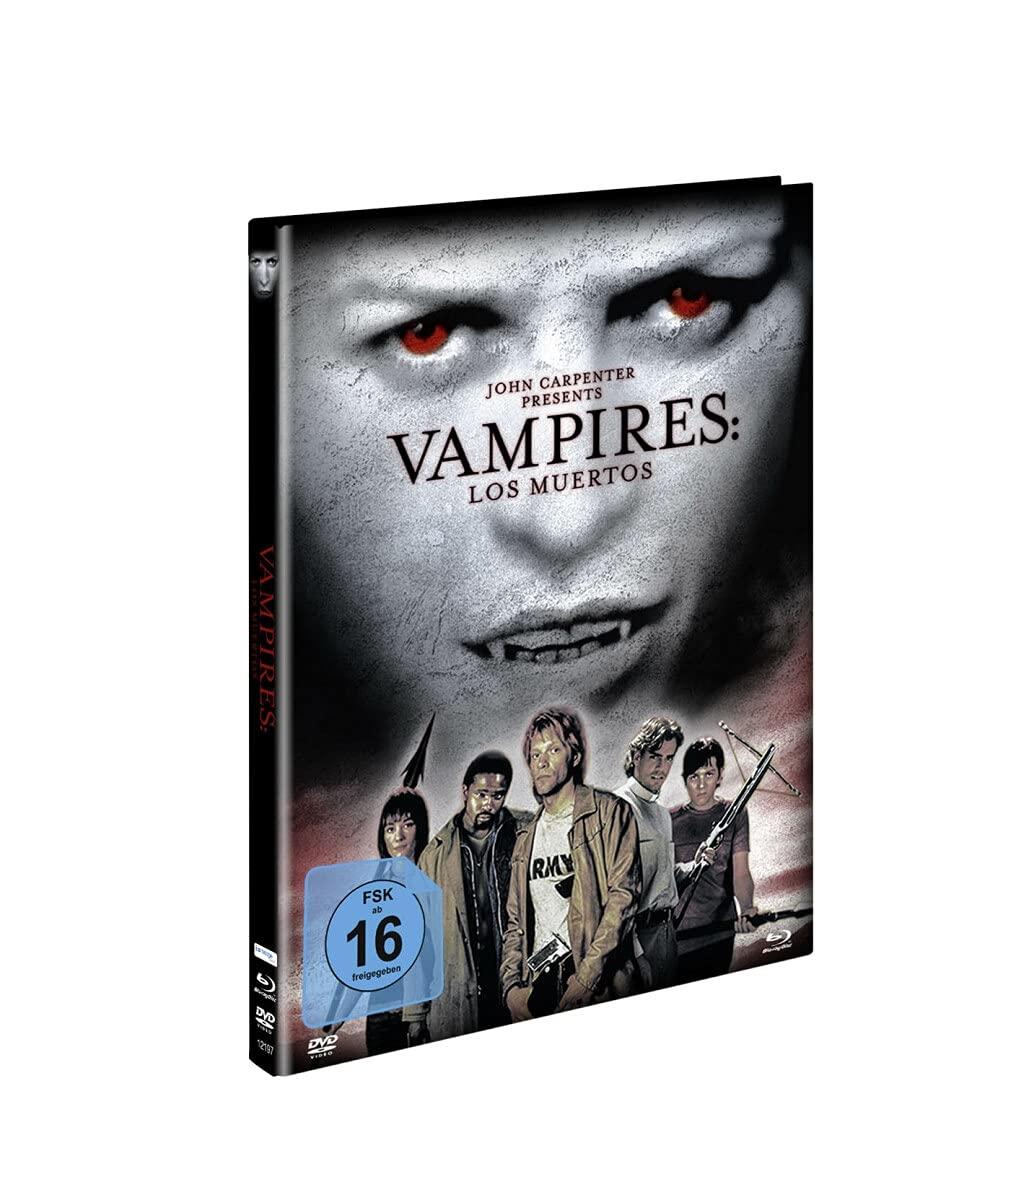 #616 Vampires: Los Muertos